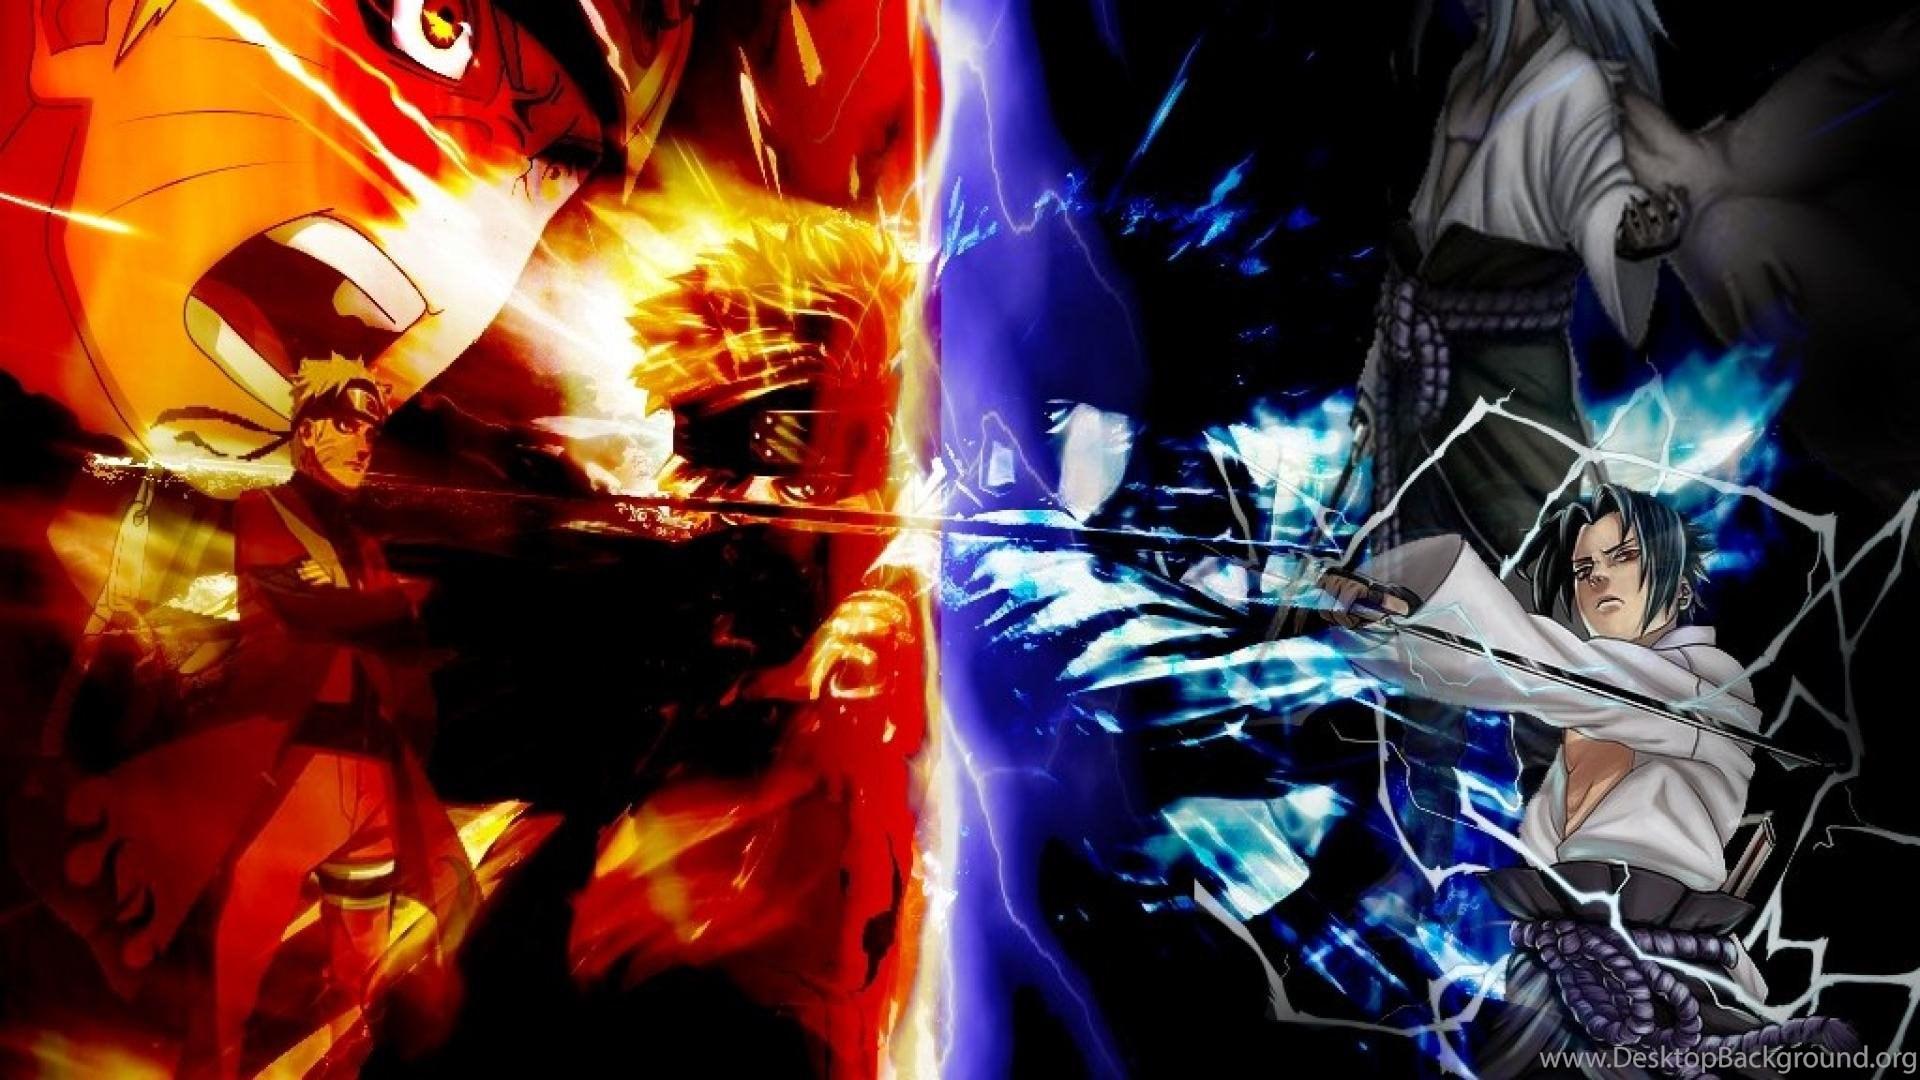 Naruto Vs Sasuke Naruto Wallpapers Shippuden Desktop Background